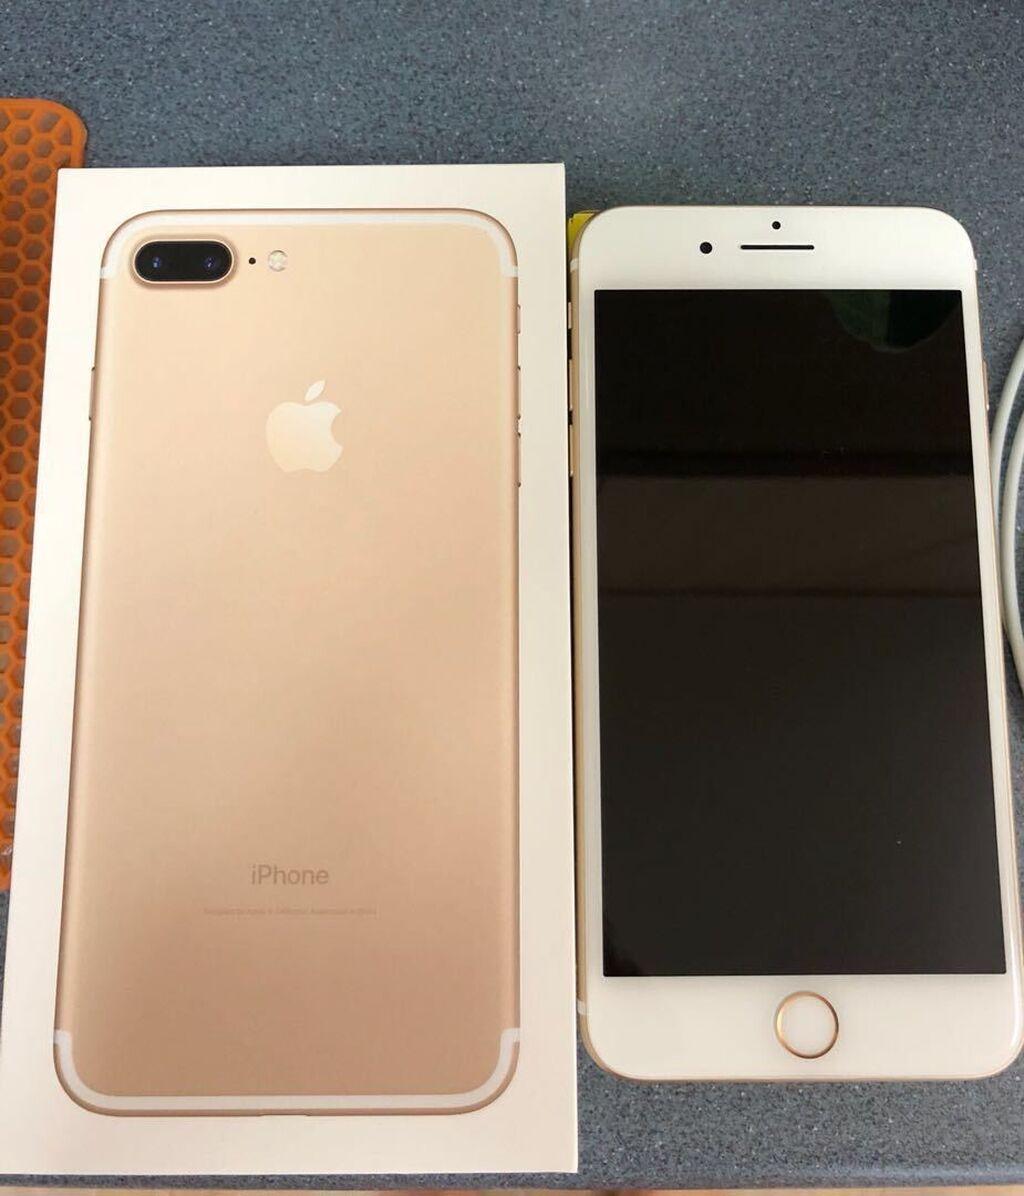 Νέα iPhone 7 Plus 128 GB Χρυσός: Νέα iPhone 7 Plus 128 GB Χρυσός